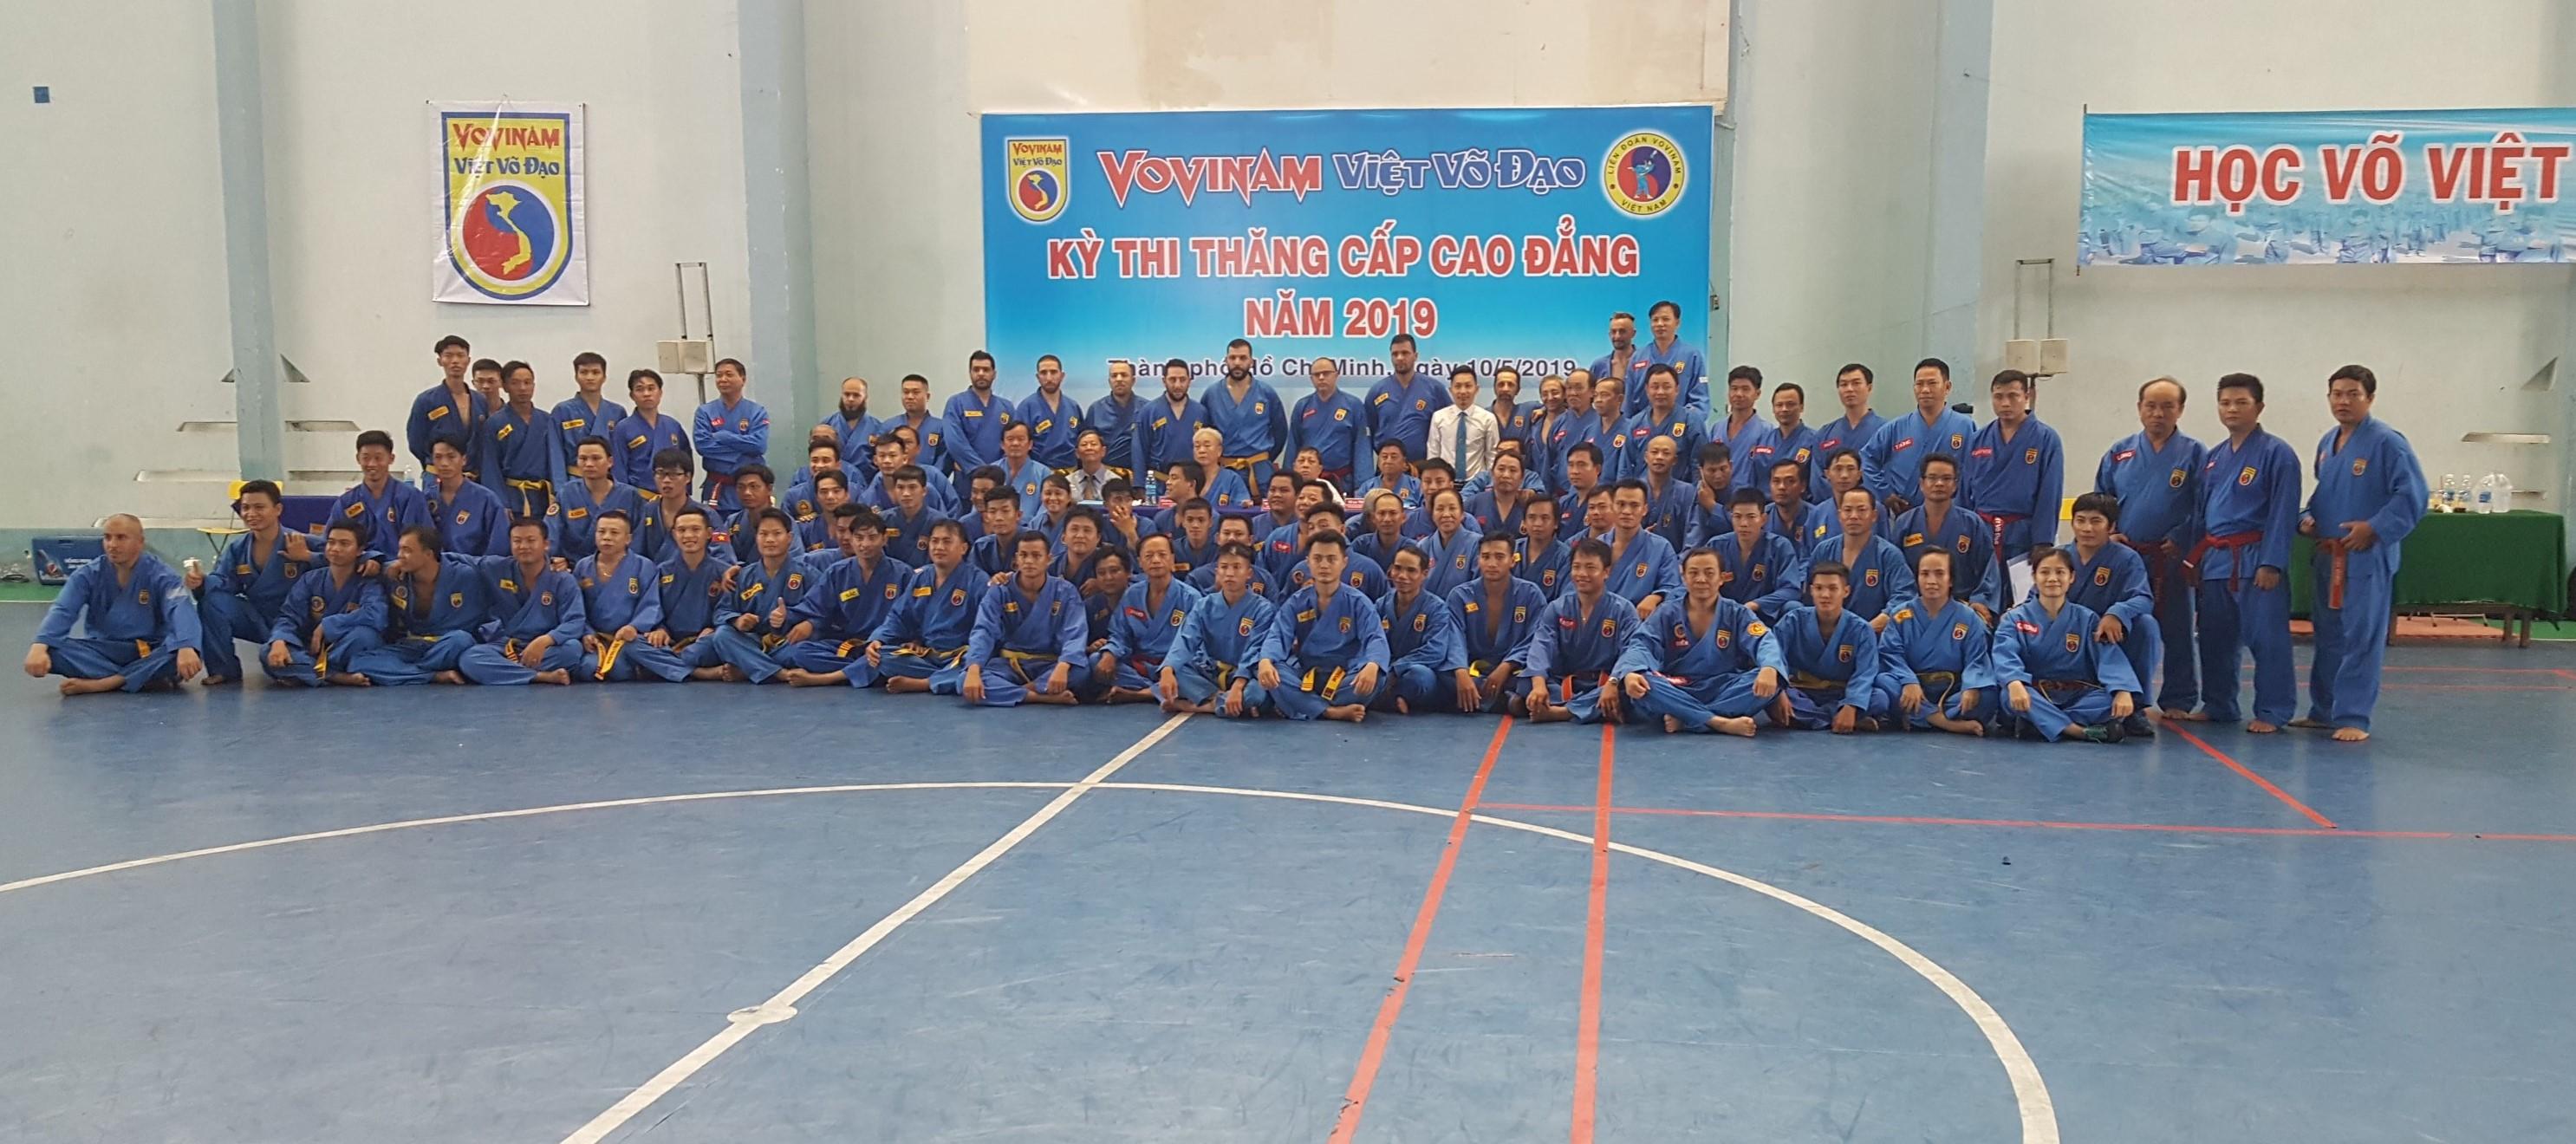 Gần 90 võ sư Việt Nam và Quốc tế tham dự Kỳ thi thăng cấp Cao đẳng Vovinam năm 2019 - Près de 90 Maitres VietNamiens & Internationaux au Passage de grade suppérieux du Vovinam en 2019.